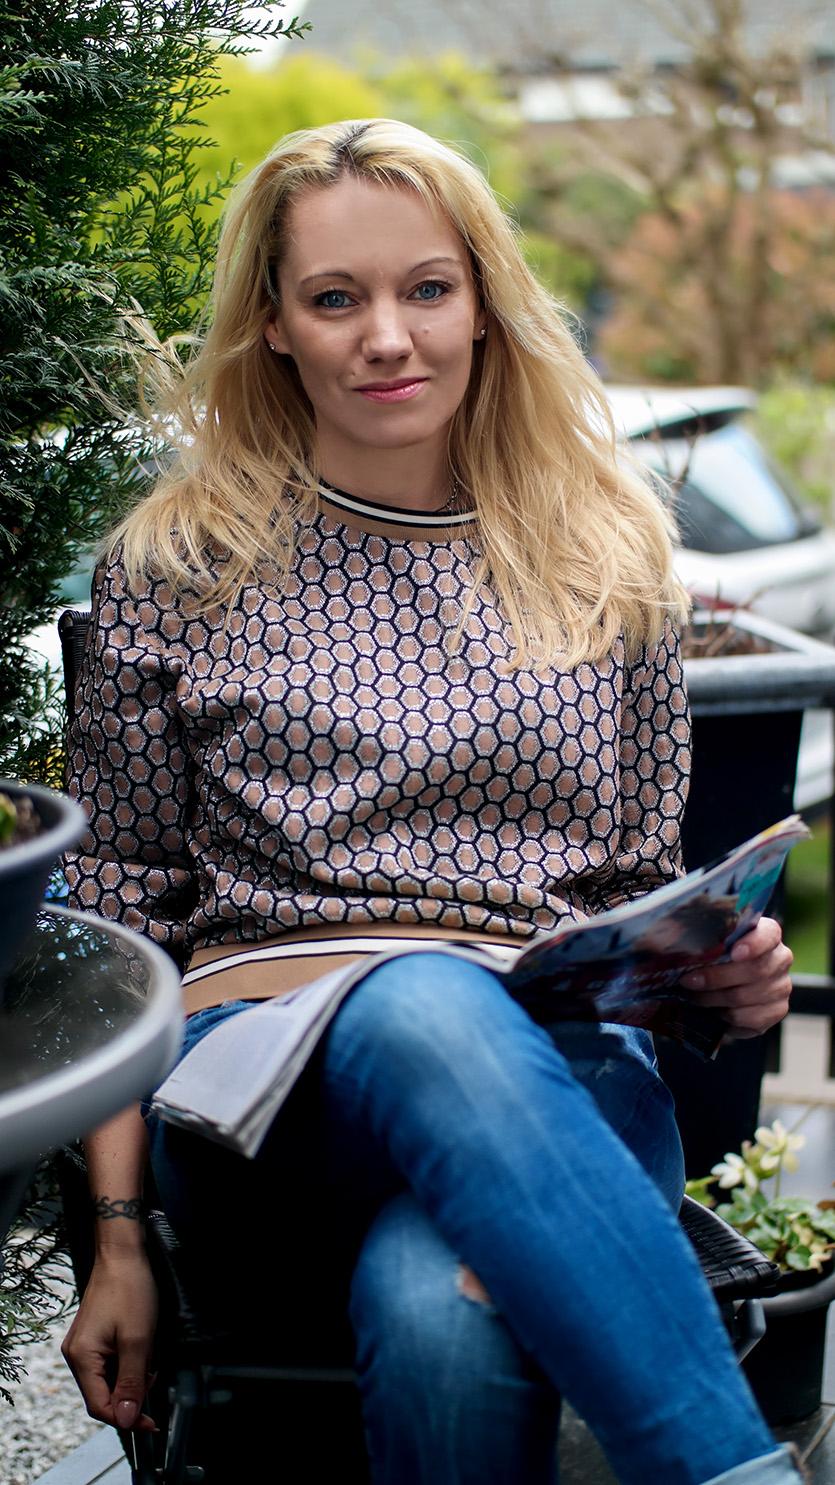 Im Blogger Talk: Das Verflixte Siebte Jahr! Warum der Blog mindestens genauso schwer zu führen ist wie eine gute Beziehung | Bloggerin Franny Fine & ihr Kampf zur Selbstmotivation | Hot Port Life & Style Blog | www.hot-port.de #selbstmotivation #lifestyleblog